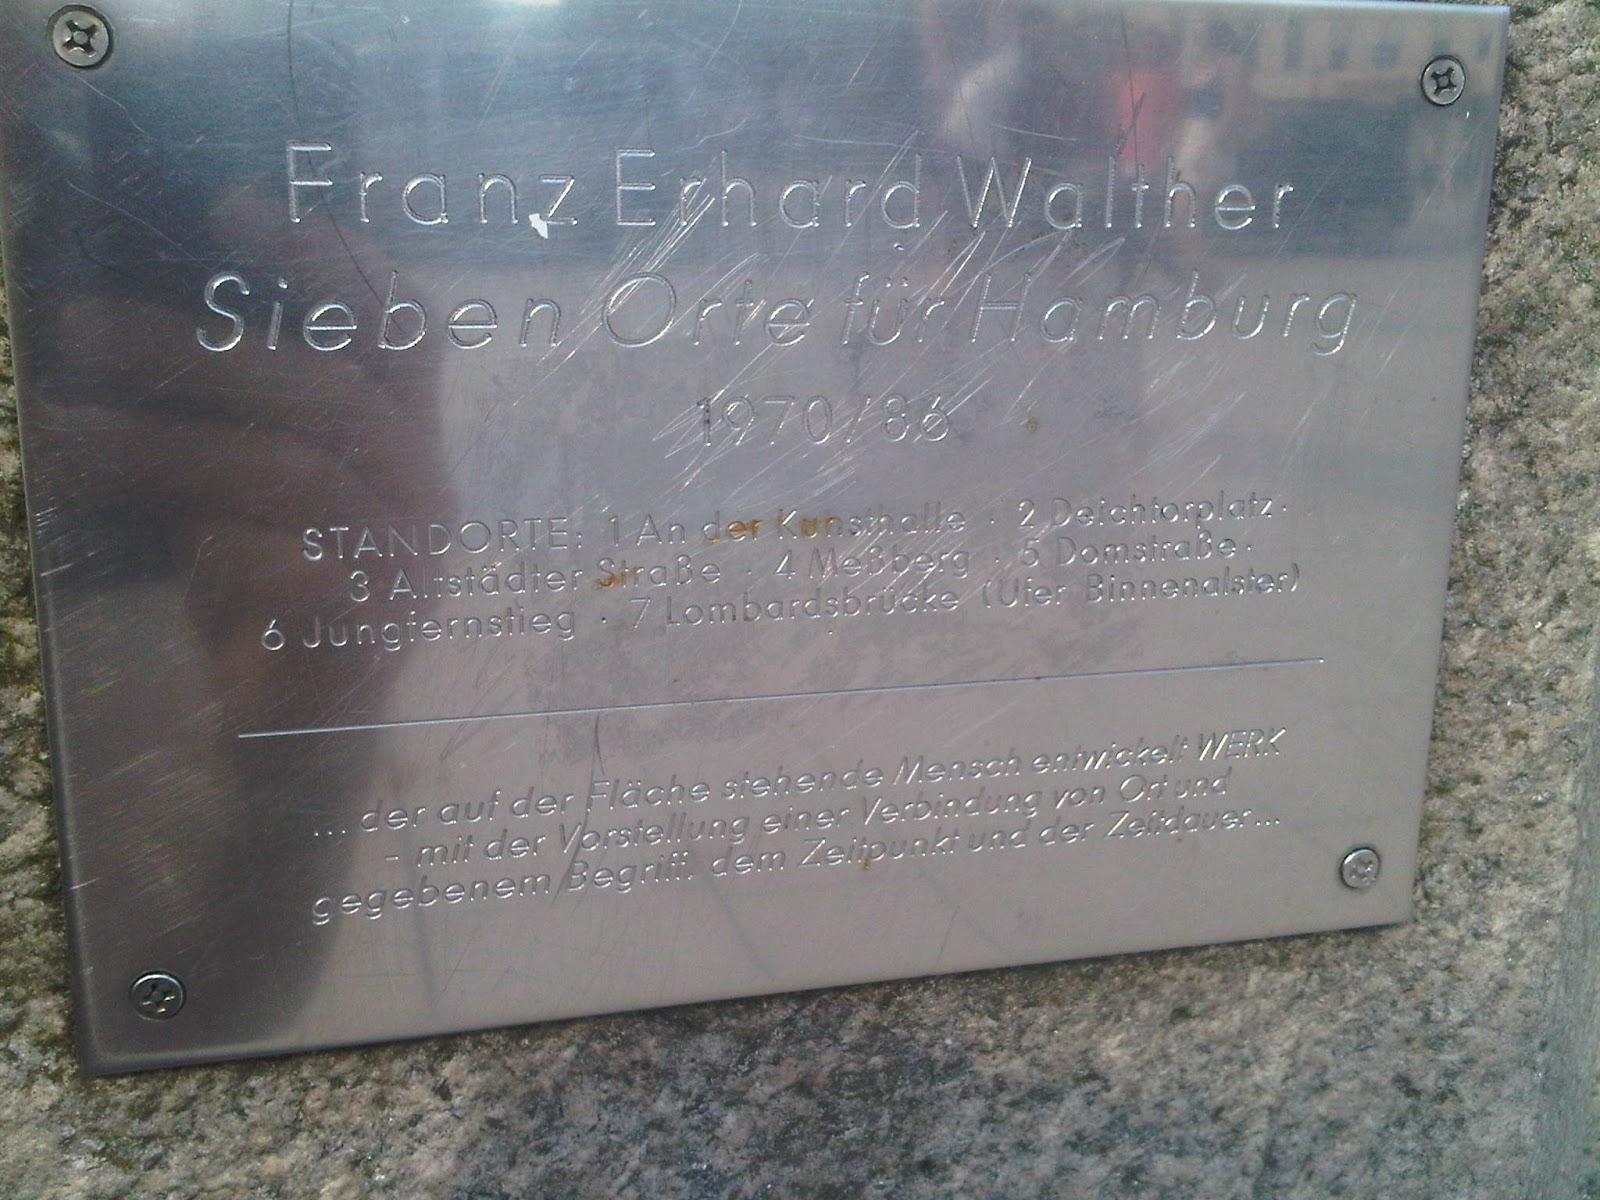 Sieben Orte für Hamburg - Franz Erhard Walther - Hinweistafel für eine Metallplatte auf dem Gehweg des Jungfernstieges